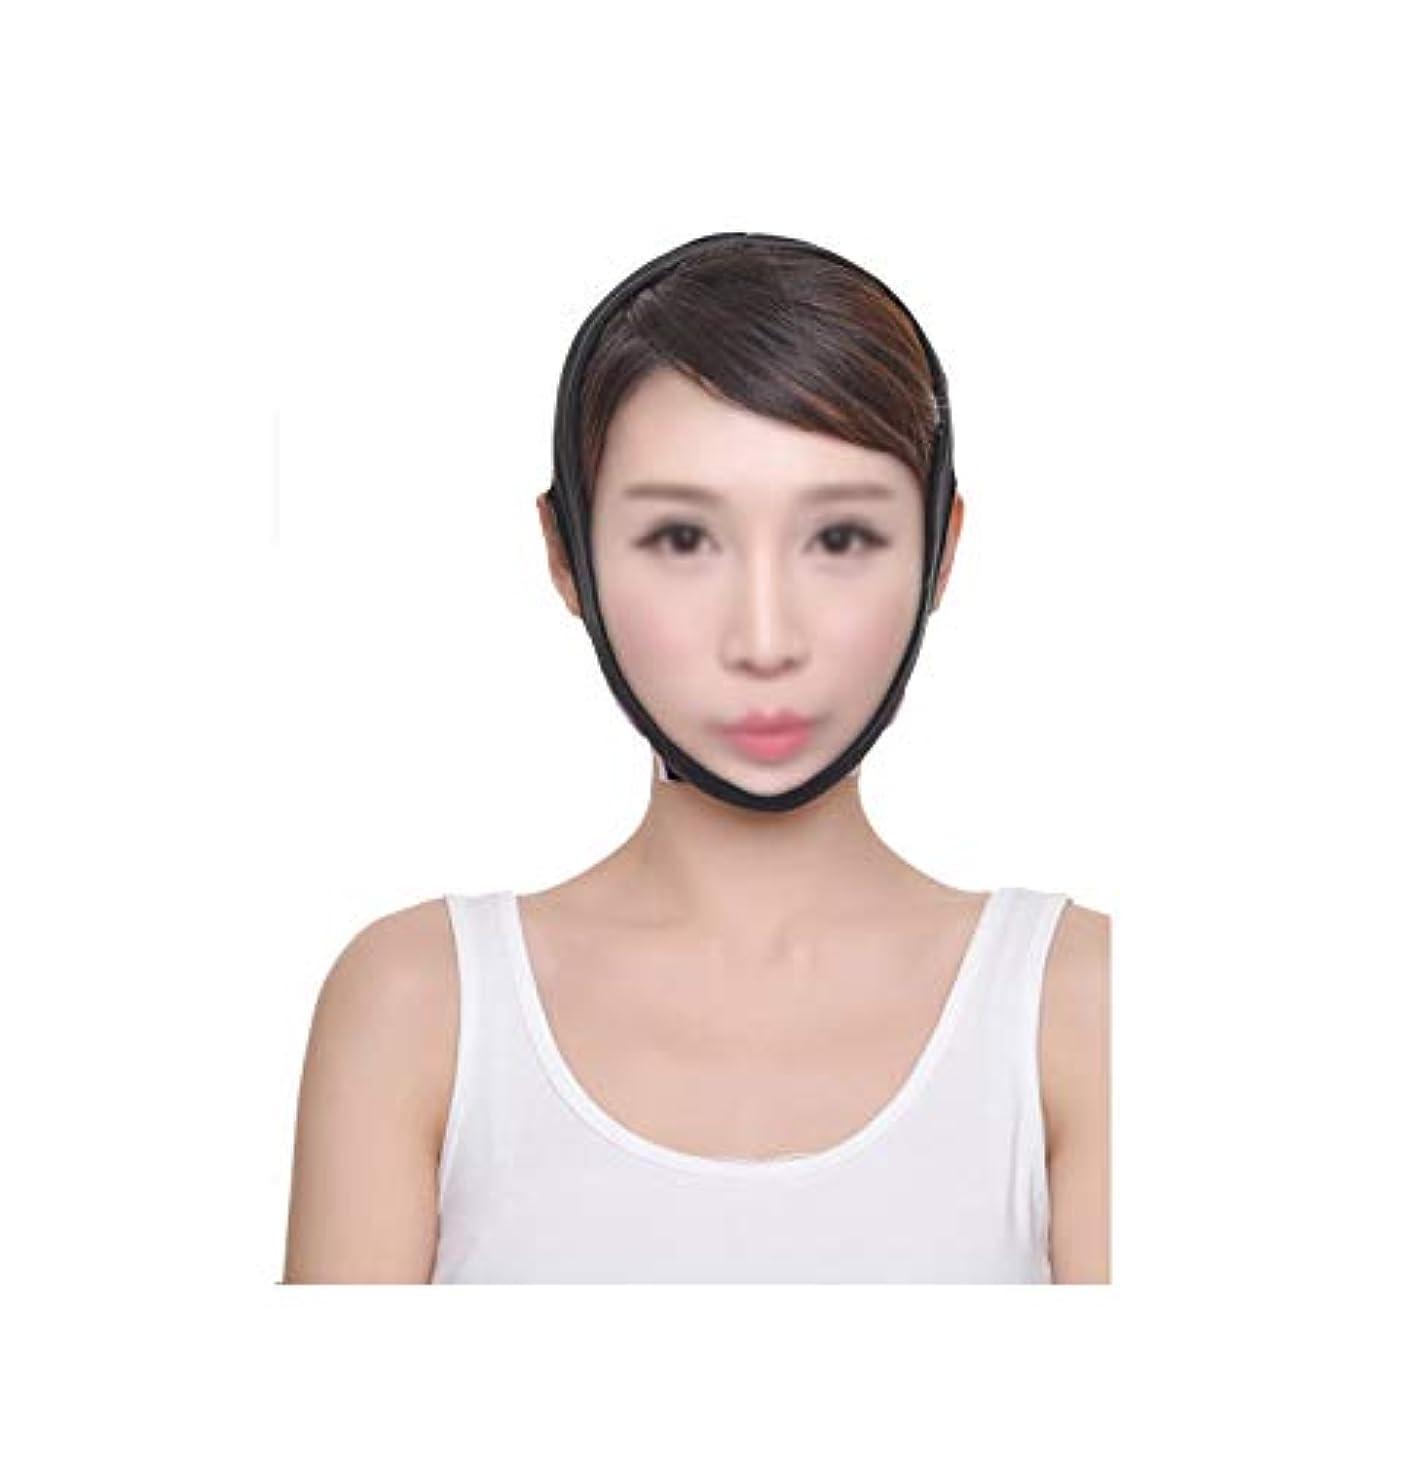 残り証明興奮するXHLMRMJ 引き締めフェイスマスク、フェイスリフティングアーティファクト脂肪吸引術脂肪吸引術後整形二重あご美容マスク黒フード (Size : M)